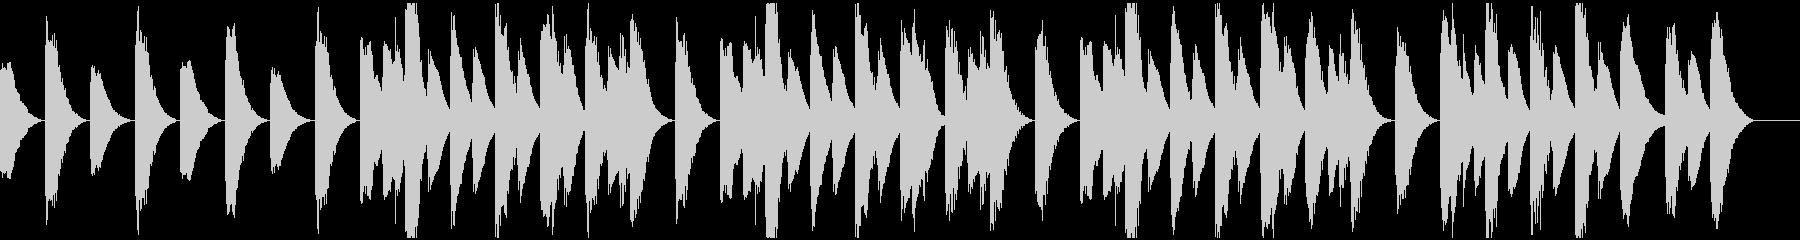 ほのぼの陽気なラグタイムピアノ の未再生の波形